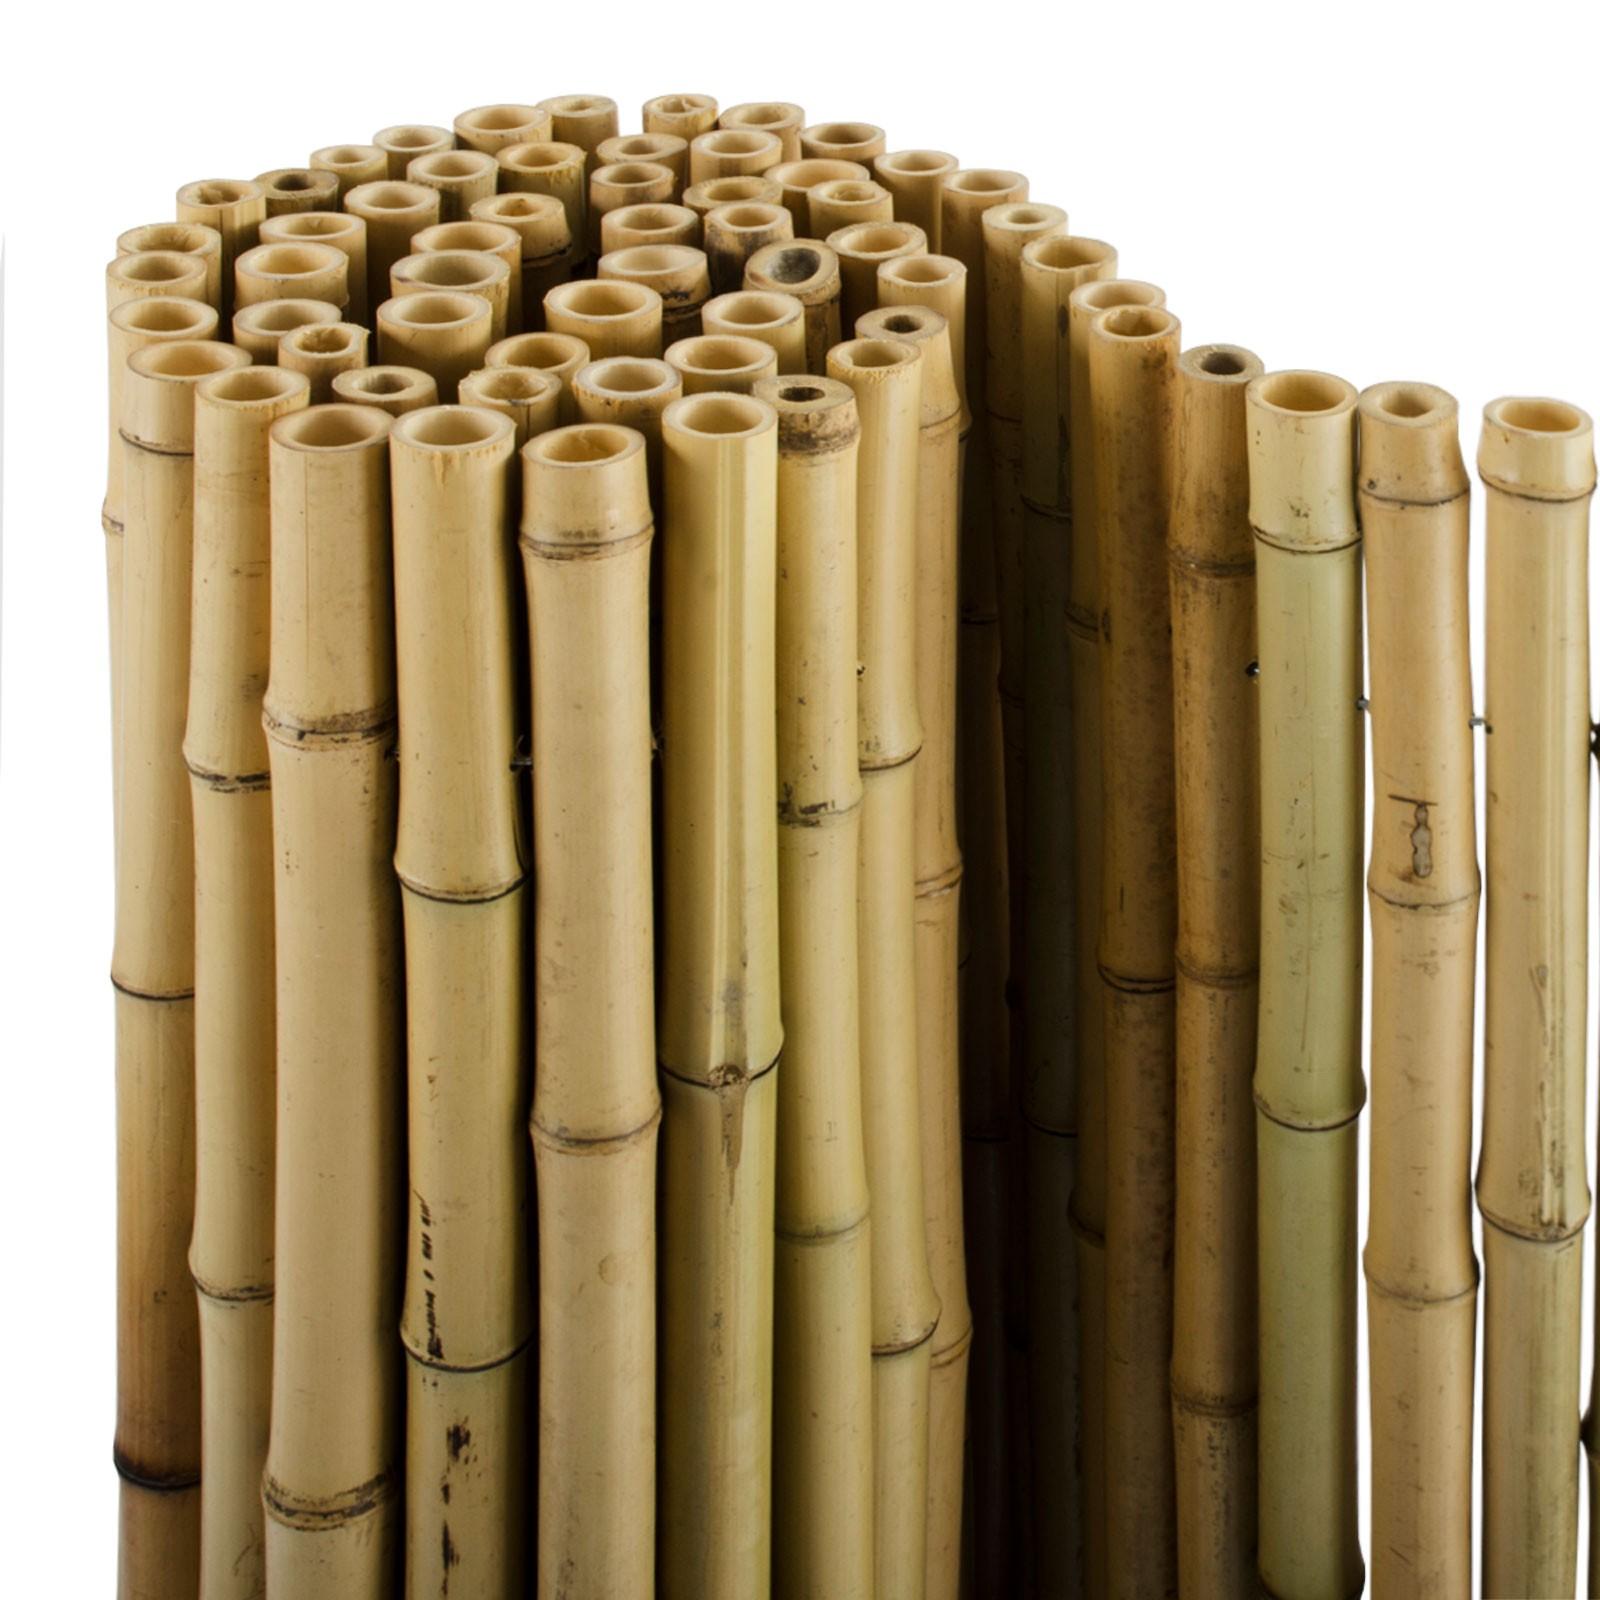 Full Size of Bambus Paravent Garten Sichtschutz Natur 3 Gren Phyllostachys Glauca Spielhaus Spielgerät Klapptisch Bewässerung Im Kletterturm Spaten Relaxsessel Vertikaler Wohnzimmer Bambus Paravent Garten